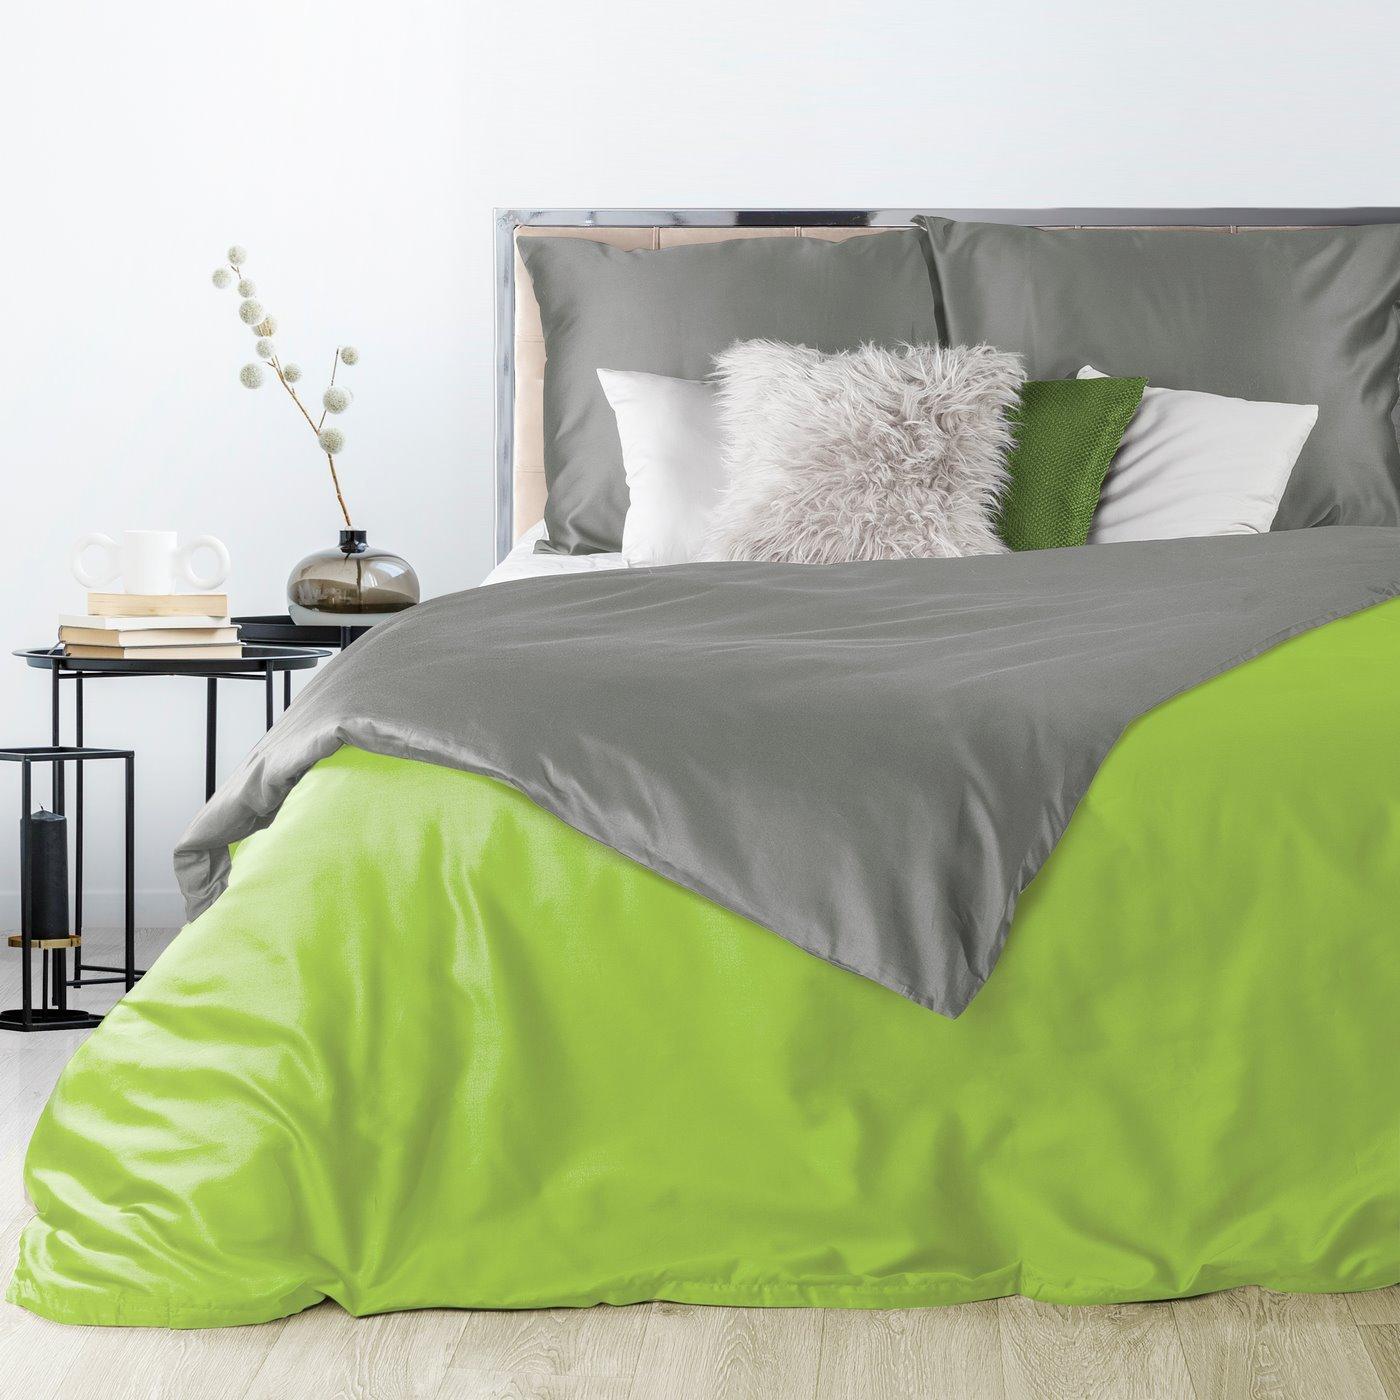 Komplet pościel z makosatyny 160 x 200 cm, 2 szt. 70 x 80 cm dwustronny zielono-stalowy